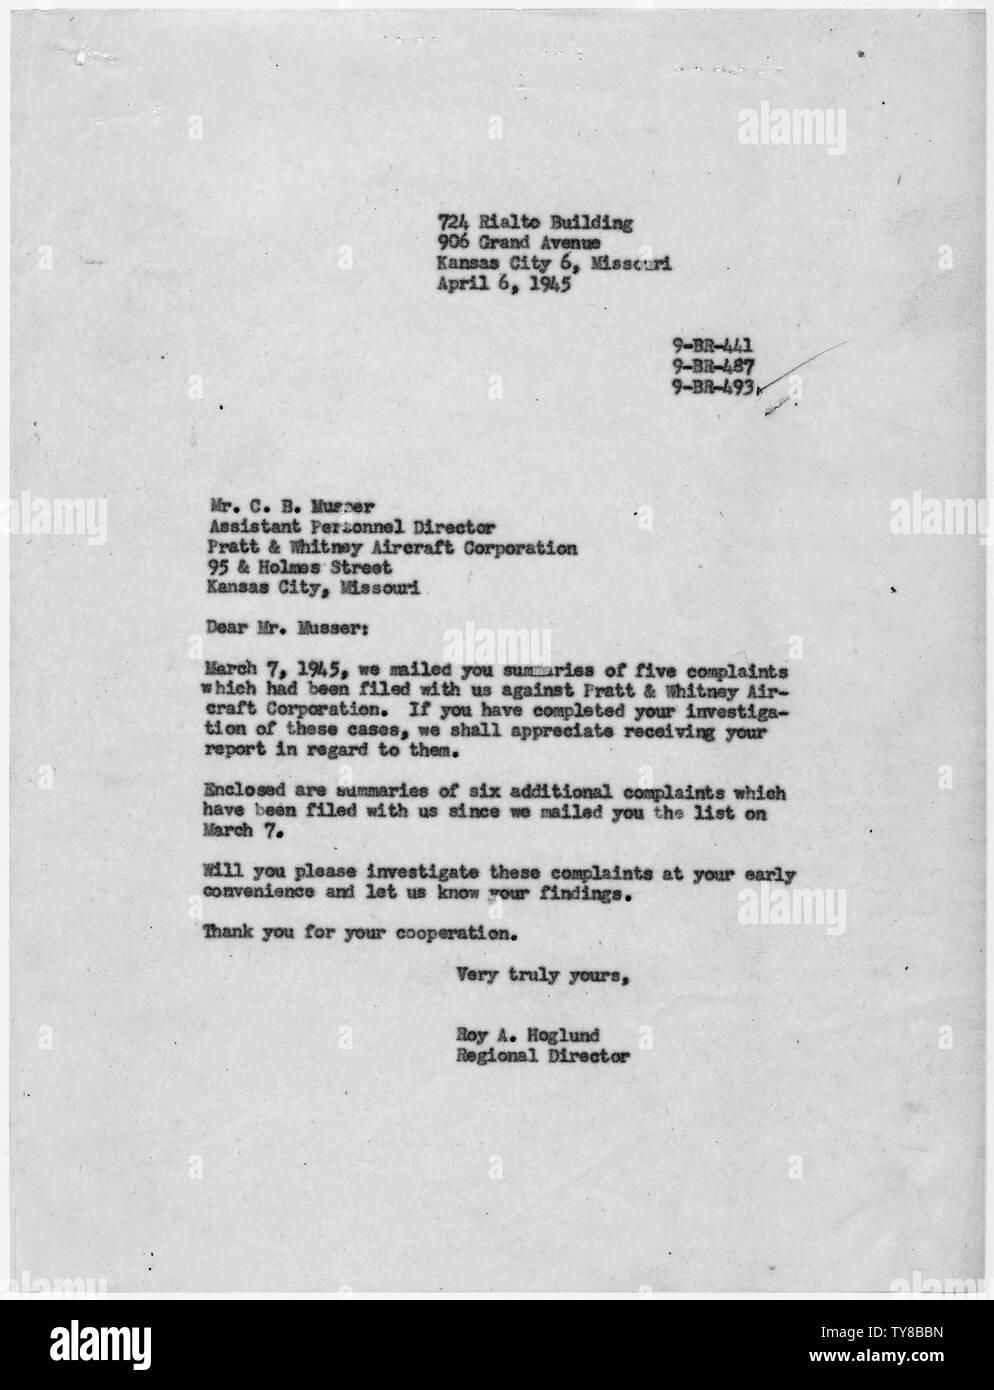 Malinda Bunn [Case 9-BR-493]: Roy A. Hoglund to C.B. Musser ...